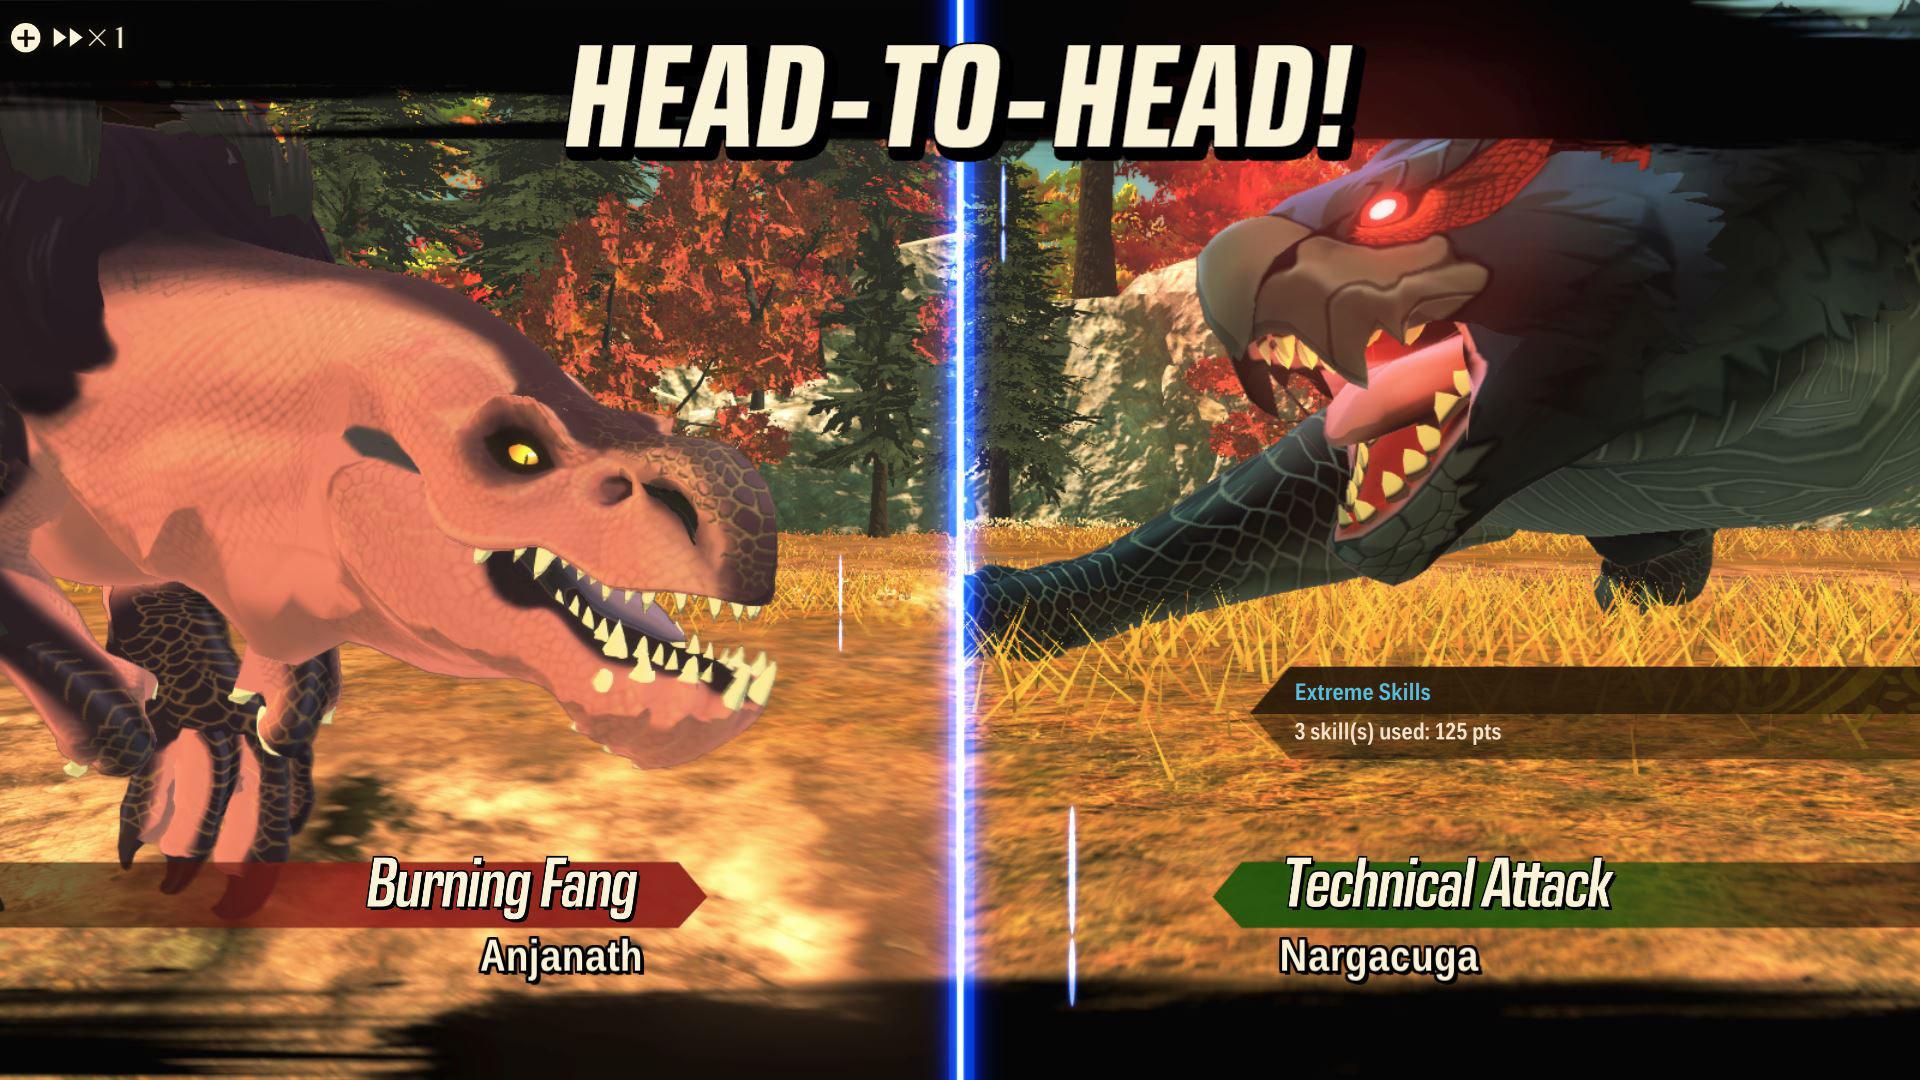 MHST2-Head-to-Head-bmp-jpgcopy